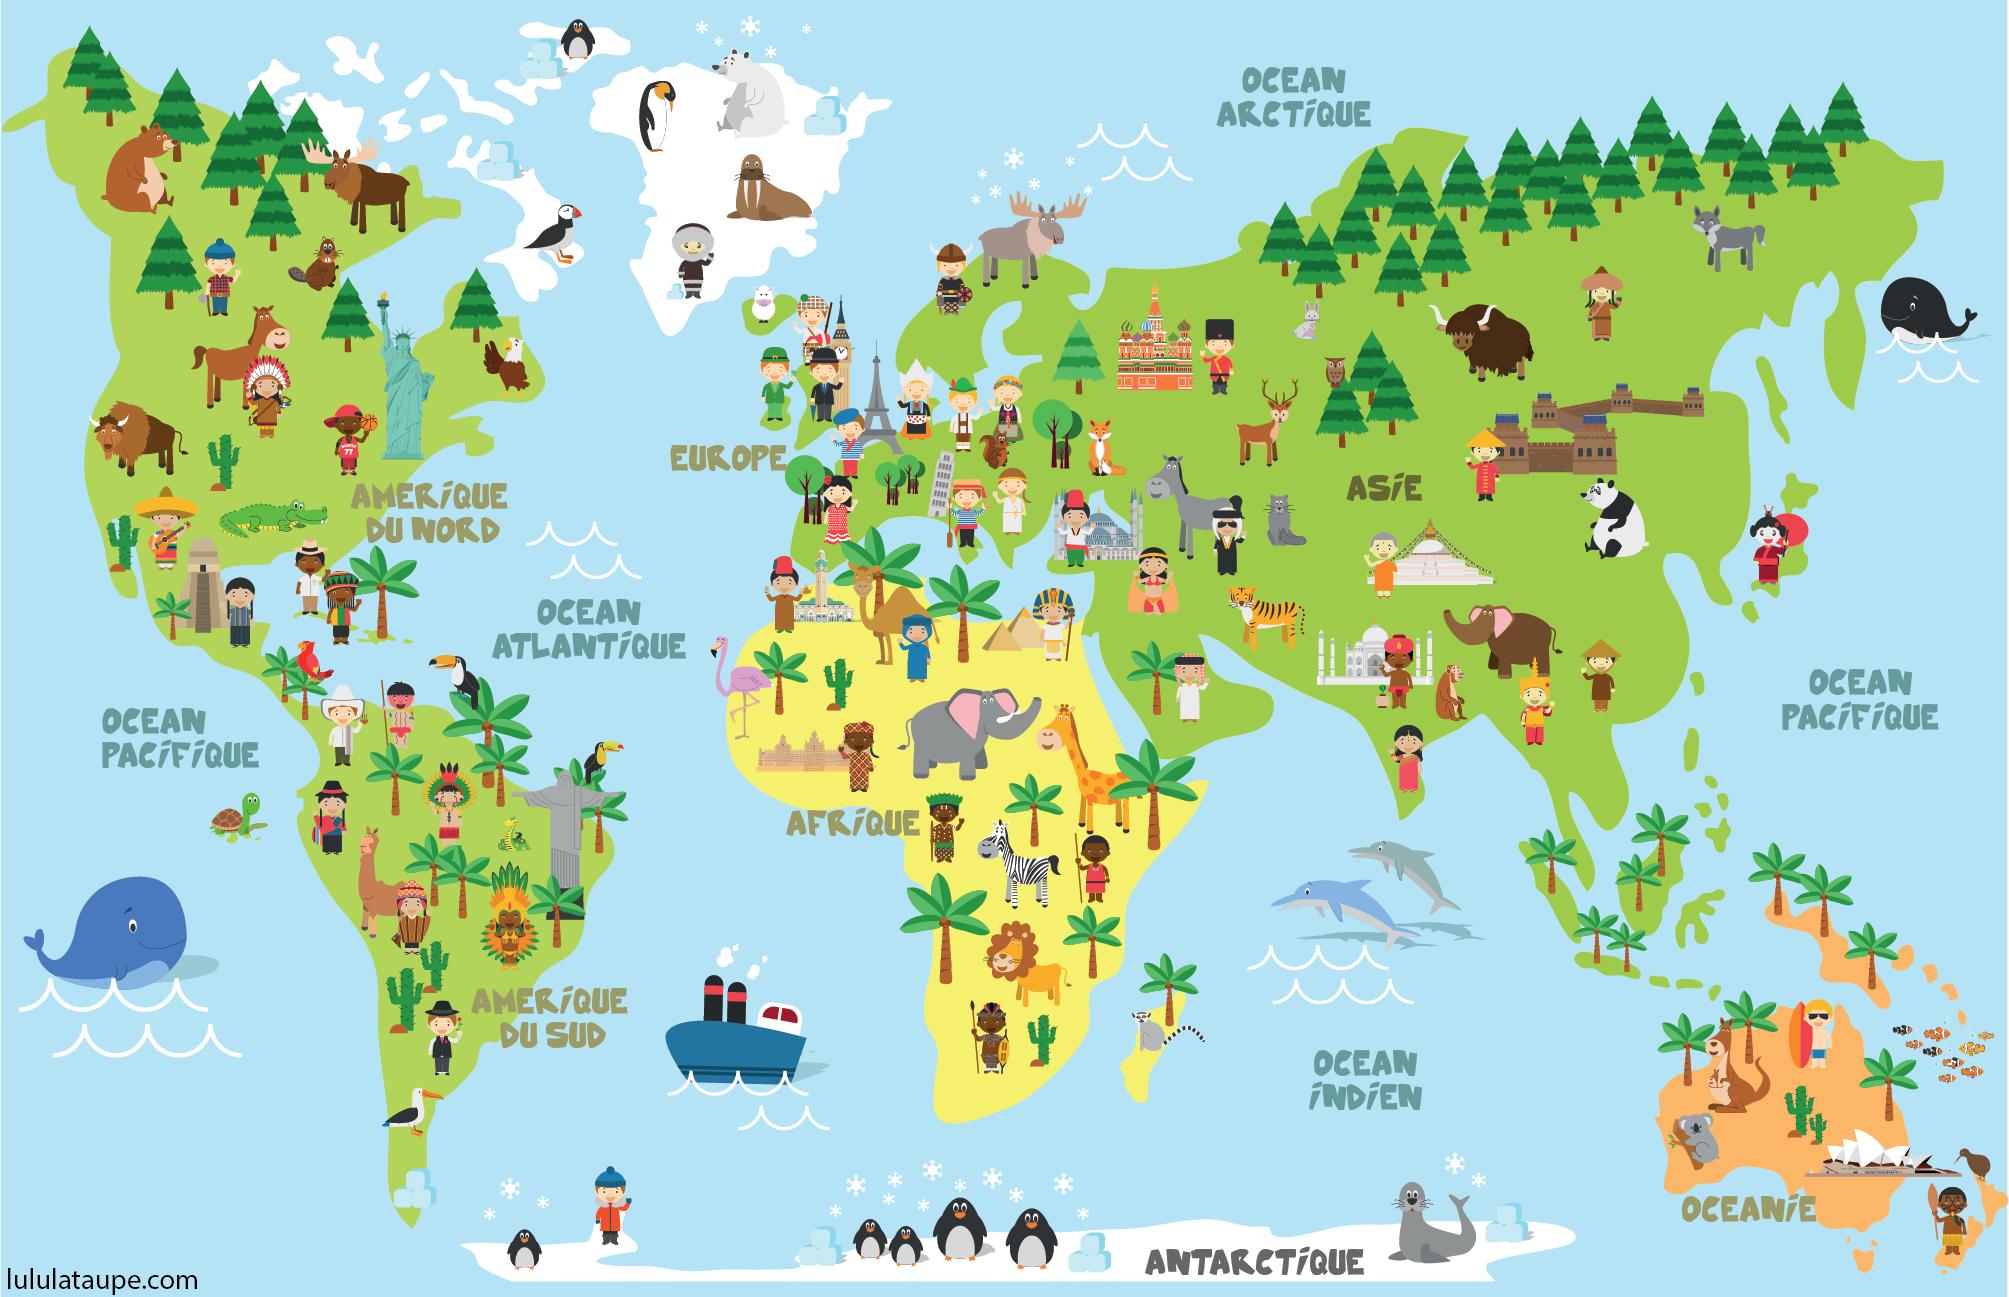 Géographie - Lulu La Taupe, Jeux Gratuits Pour Enfants concernant Jeux Geographie